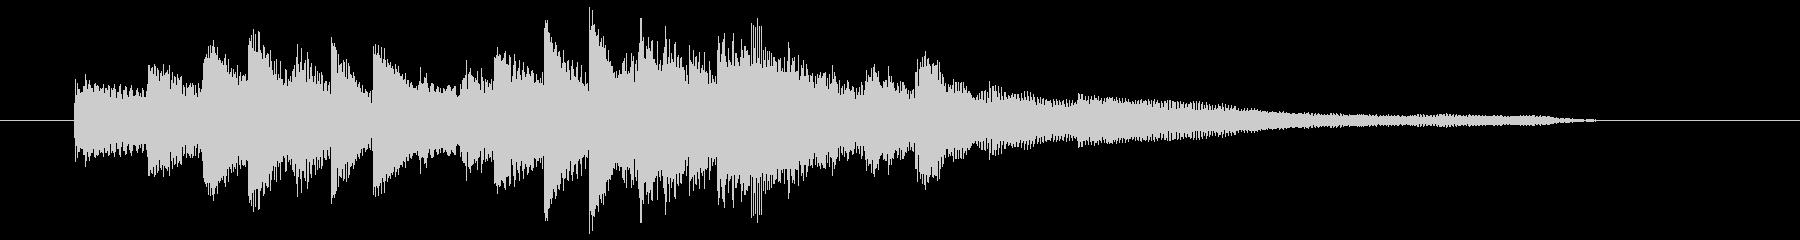 知的でシンプルなピアノのジングルの未再生の波形